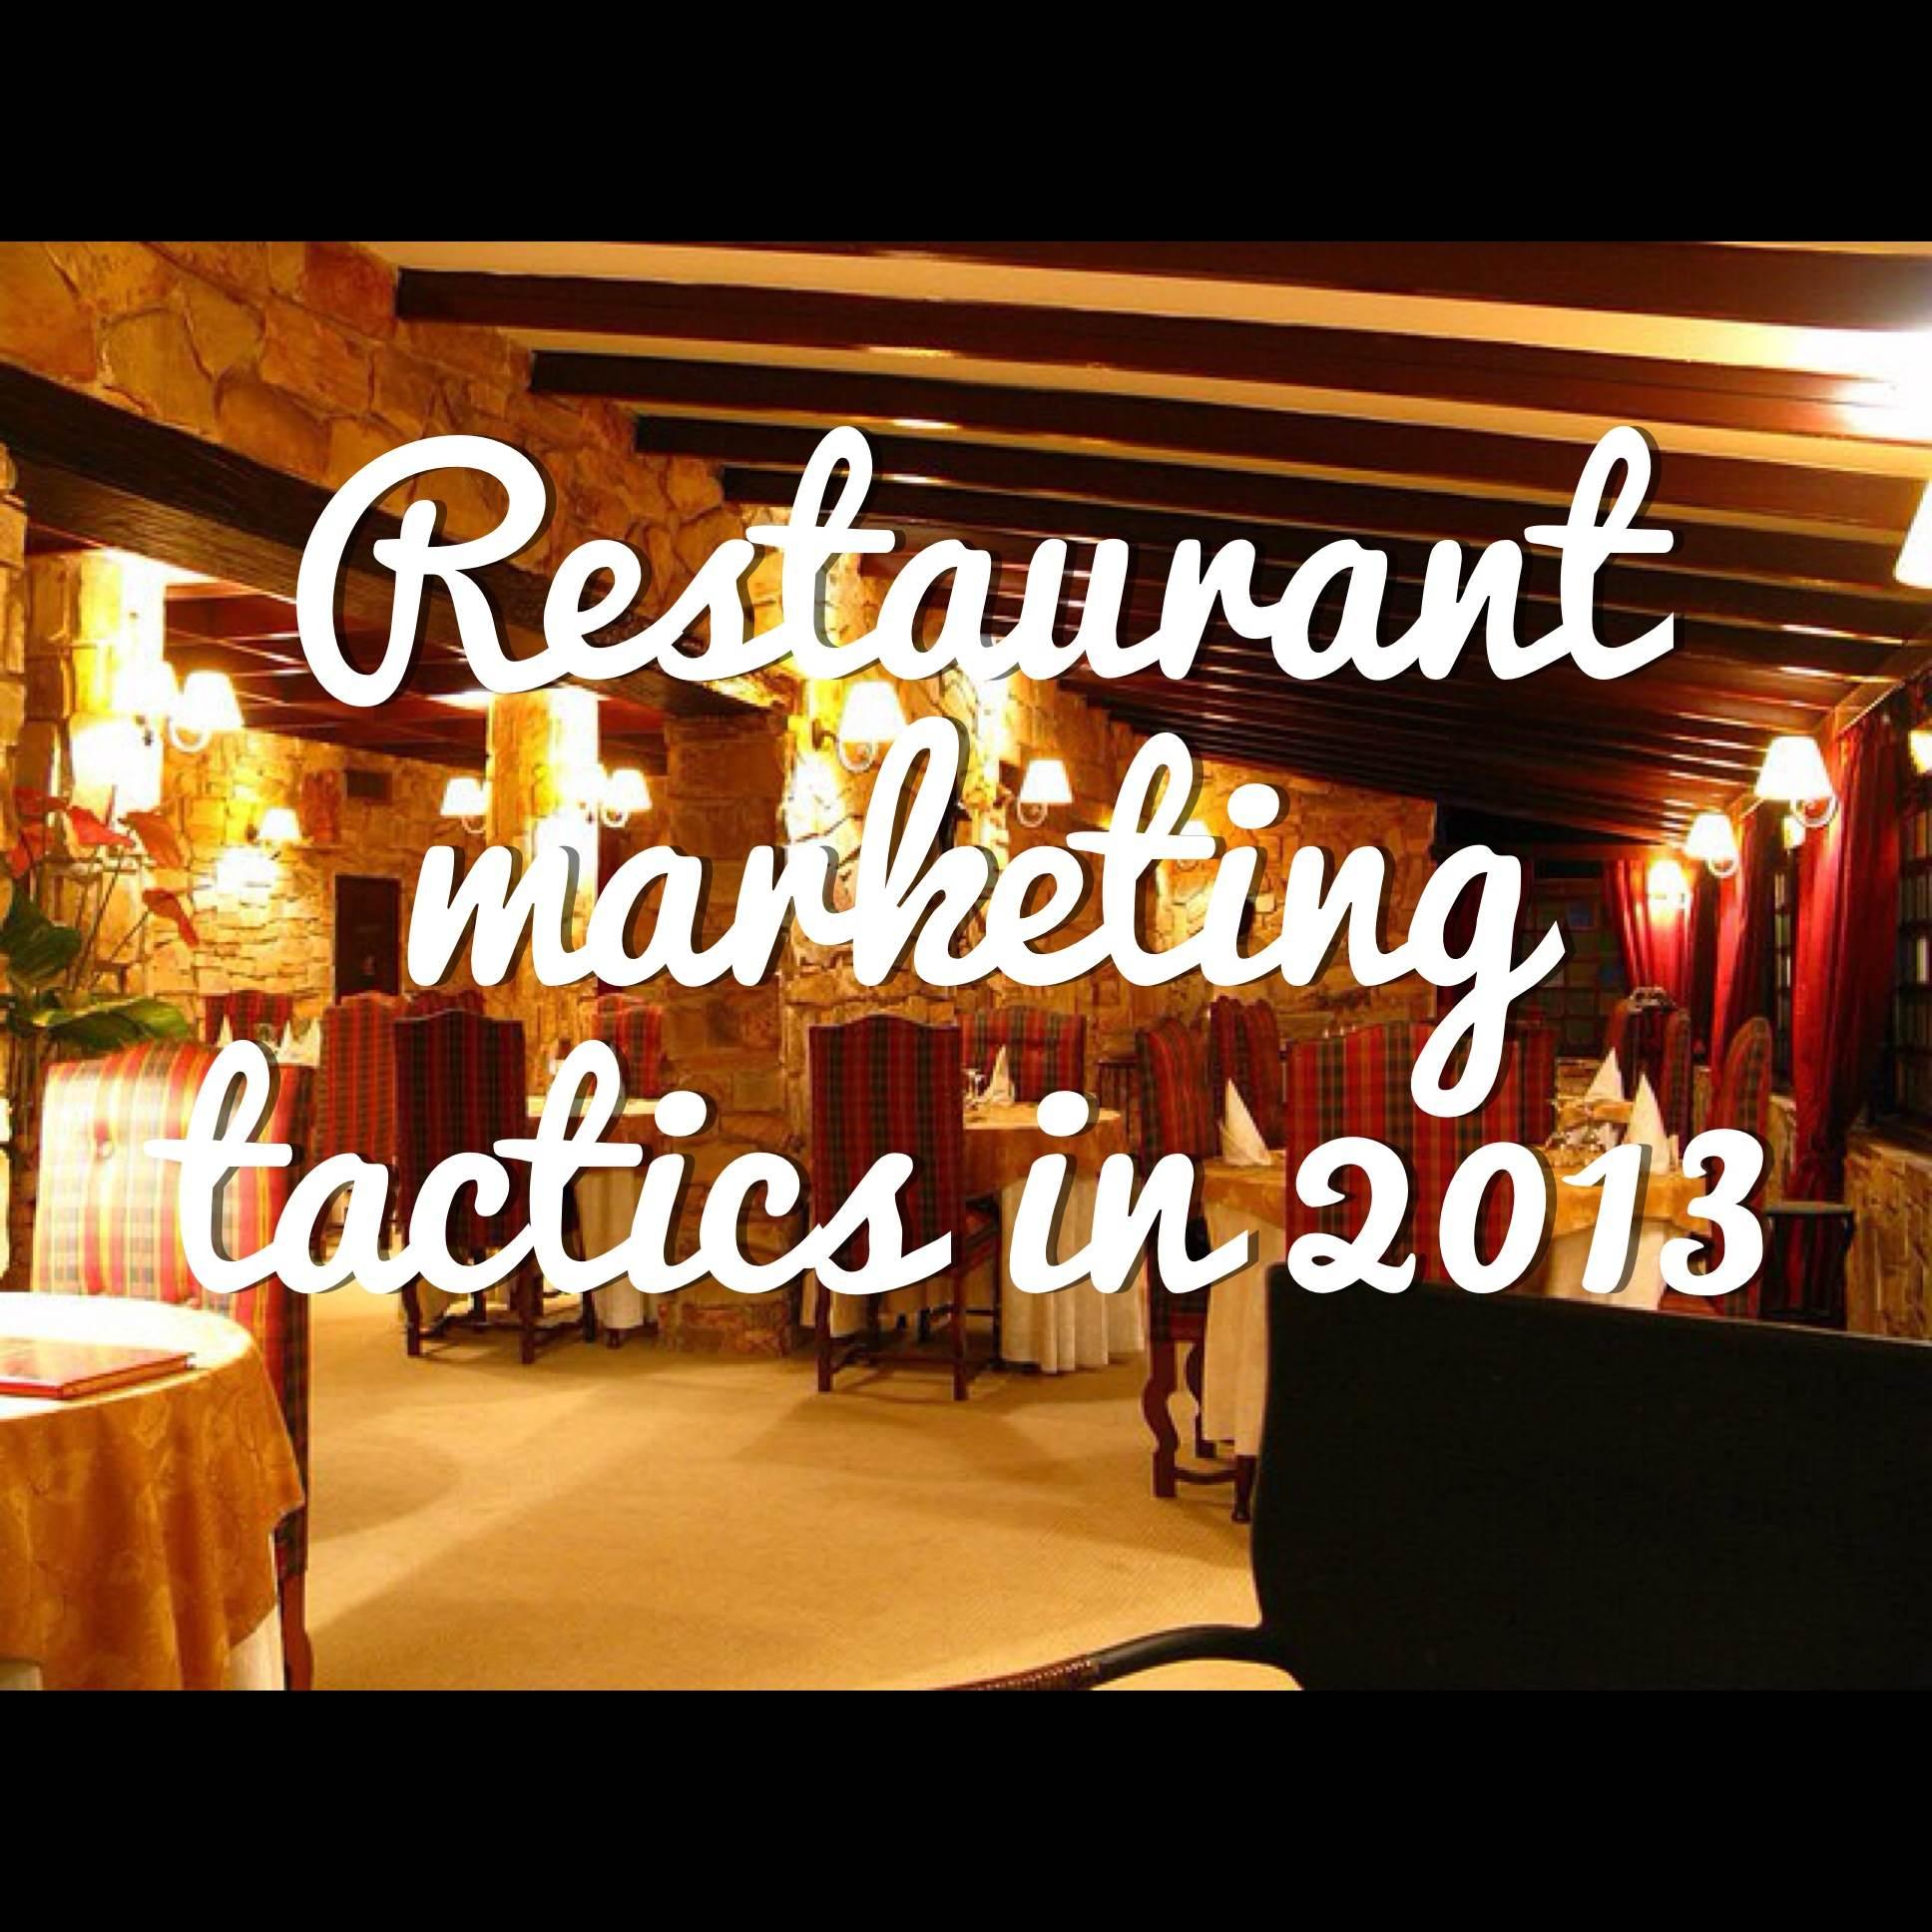 restaurant marketing tactics-2013